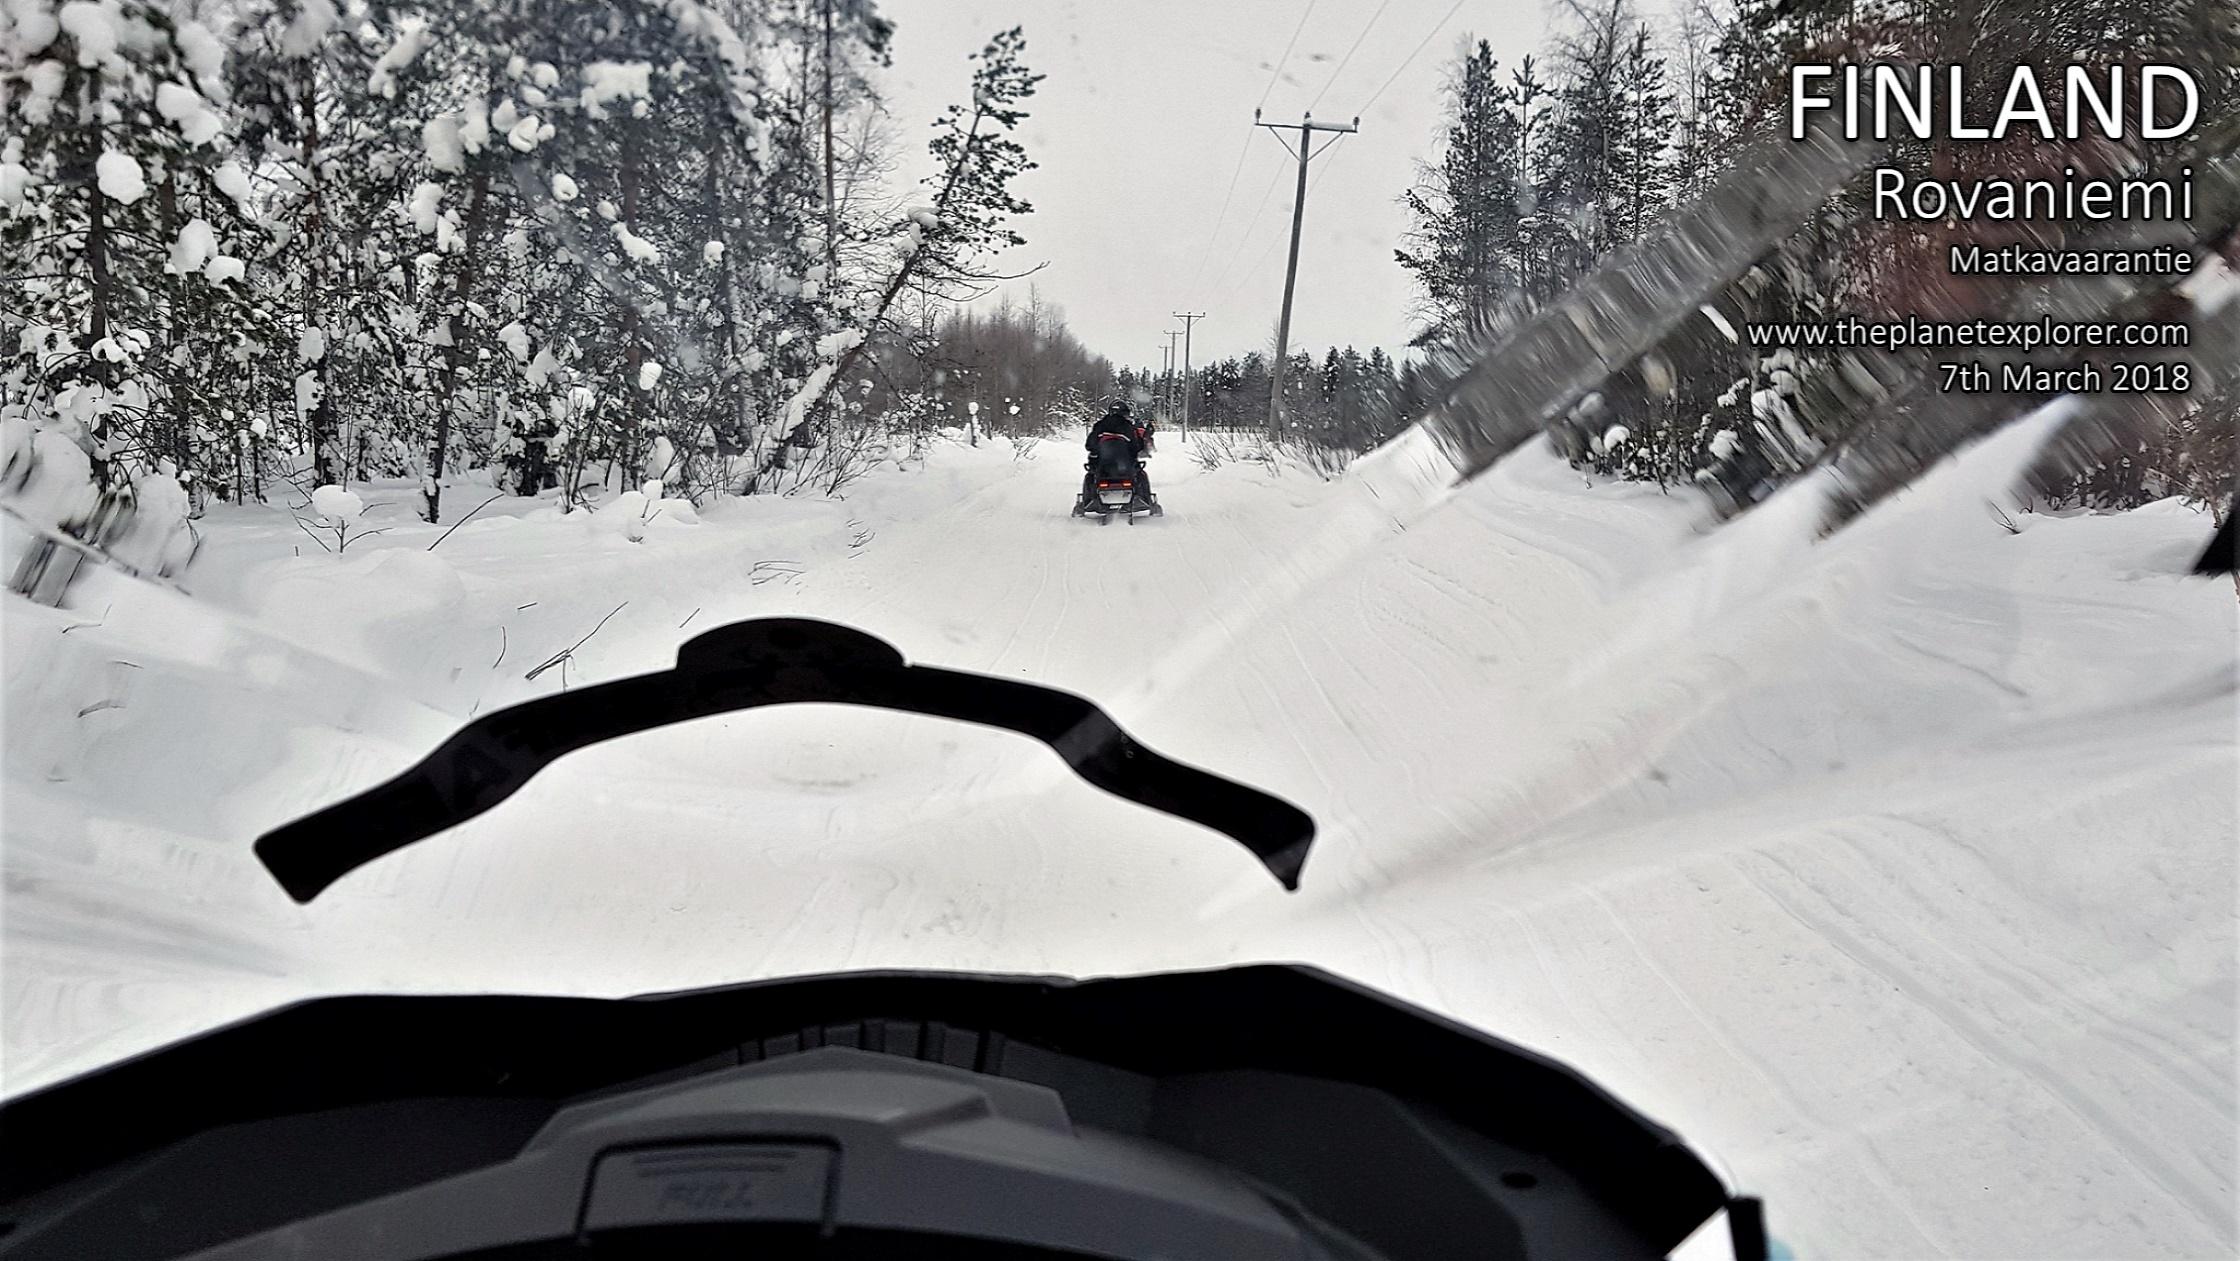 20180307_1217_Finland_Rovaniemi_Matkavaarantie_Snowmobile_Samsung Note 8_LR_@www